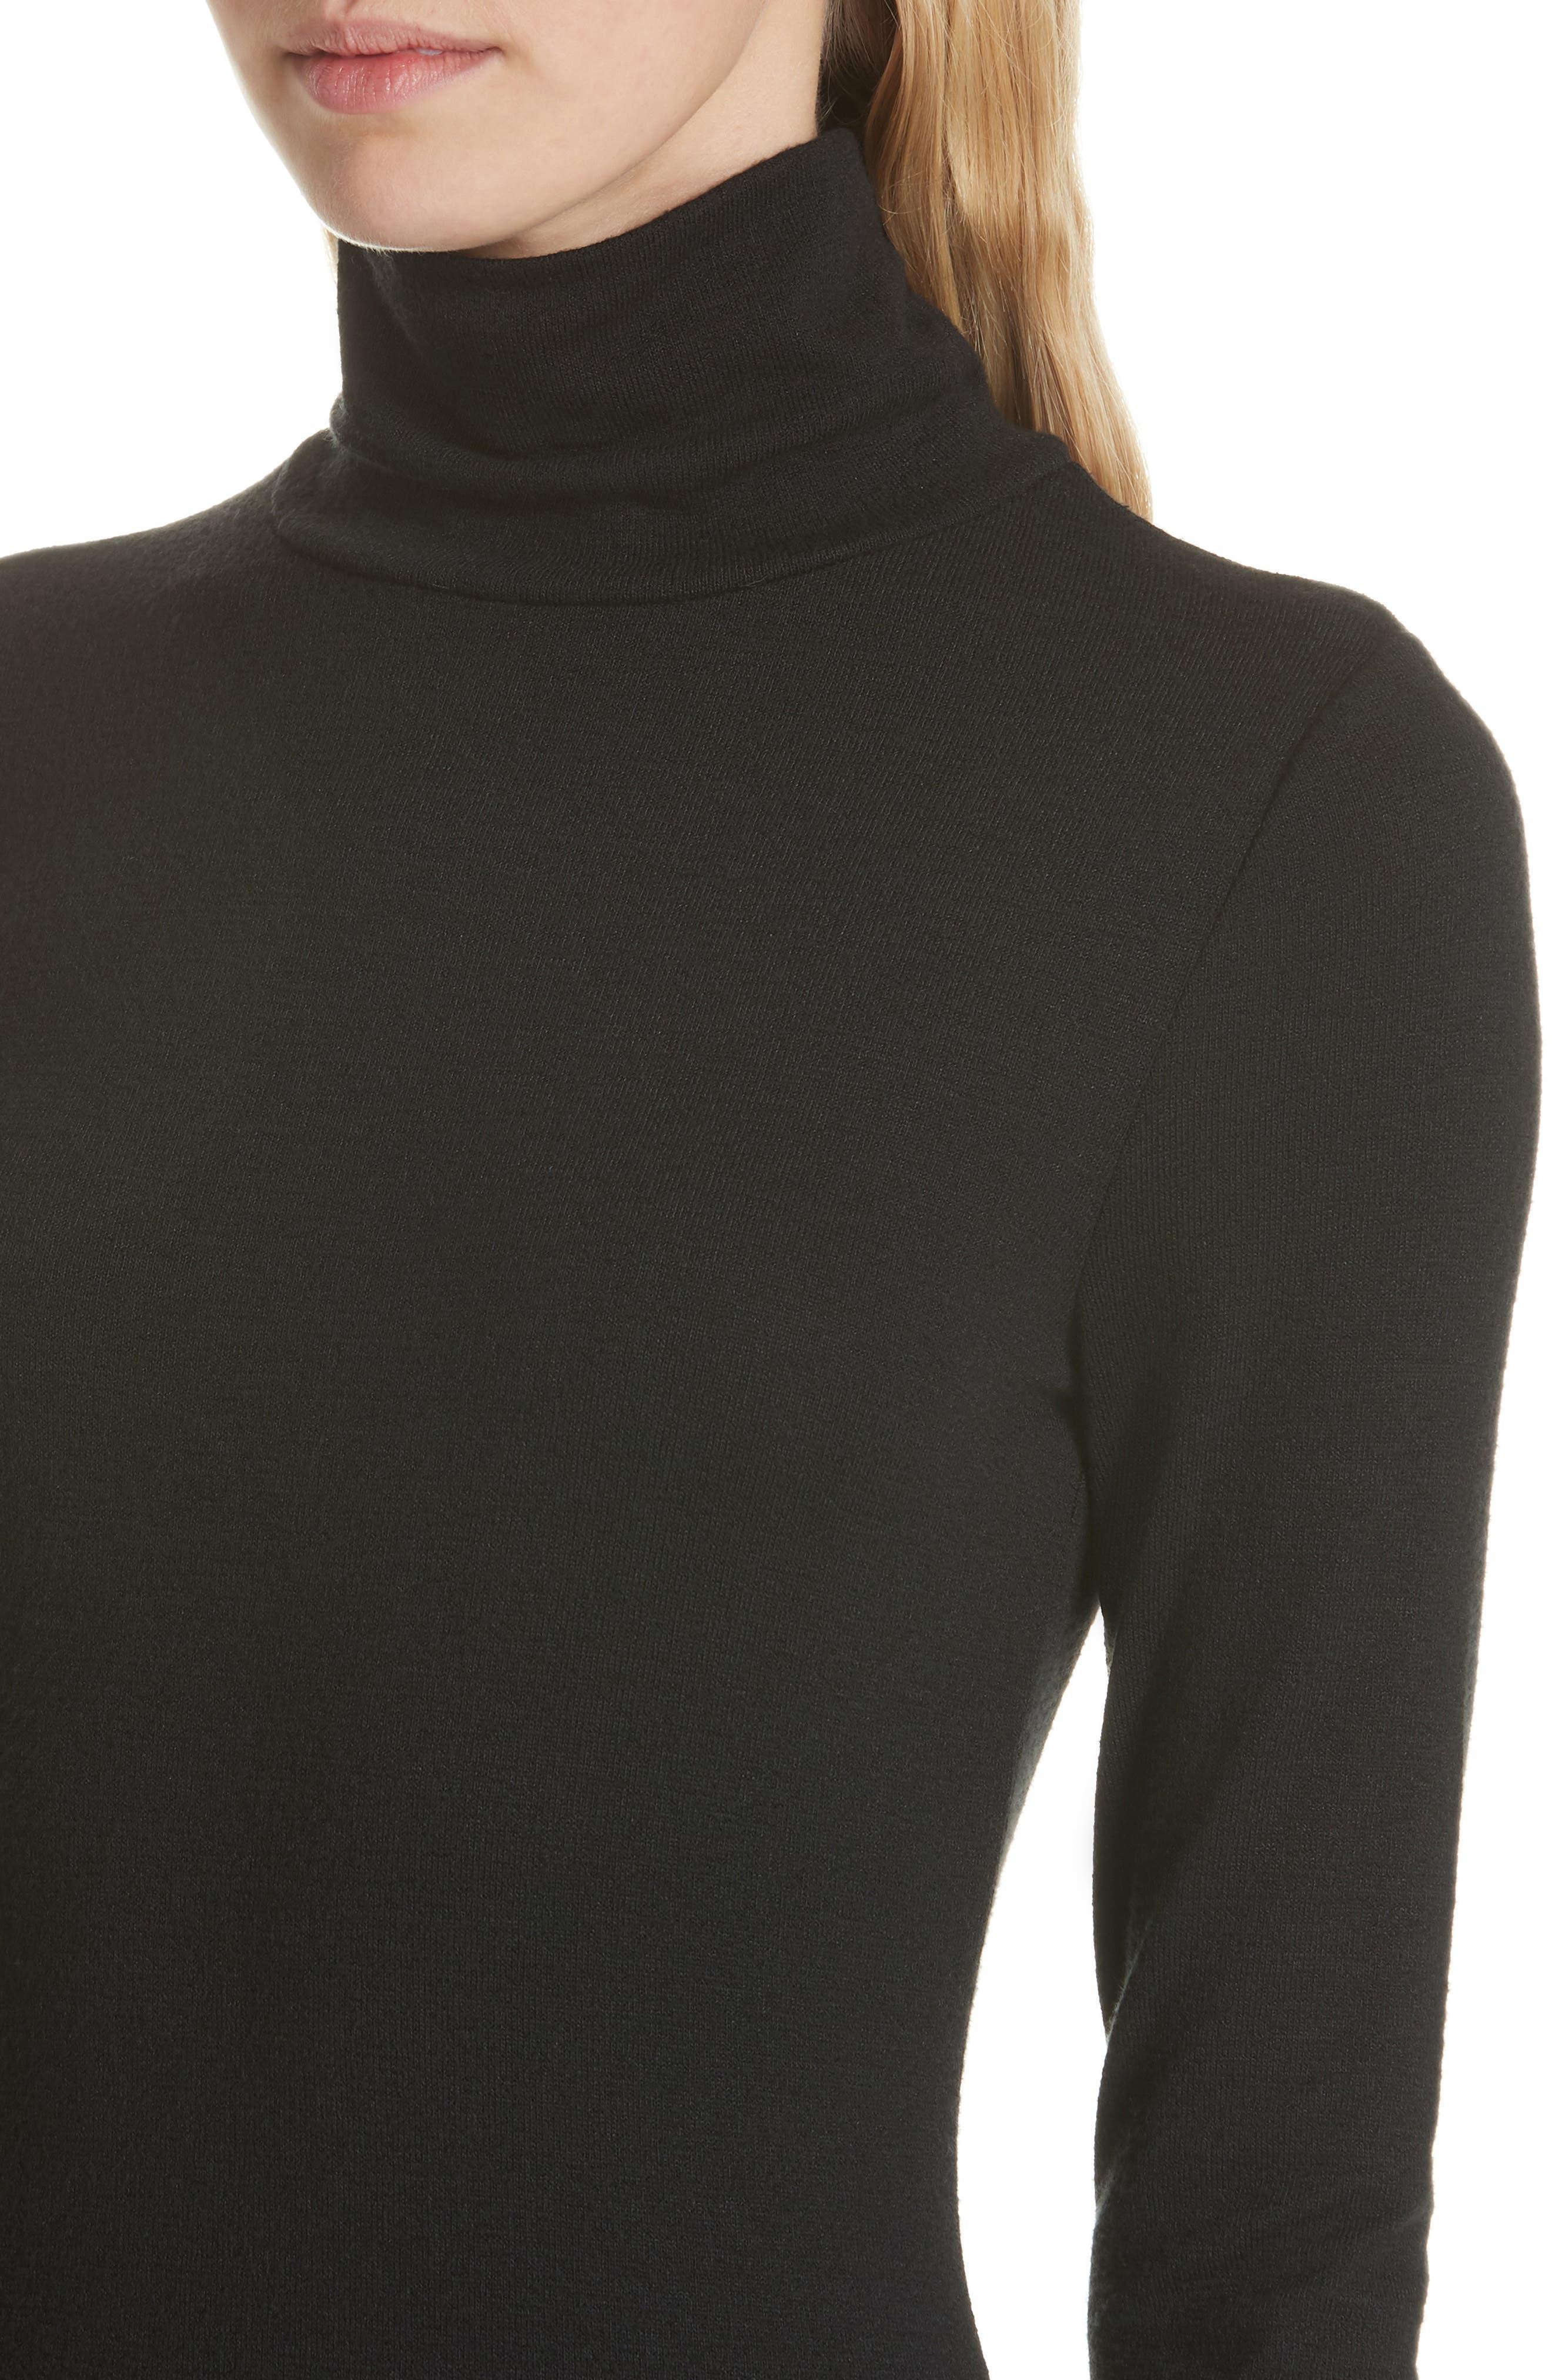 Landon Turtleneck Minidress,                             Alternate thumbnail 4, color,                             BLACK